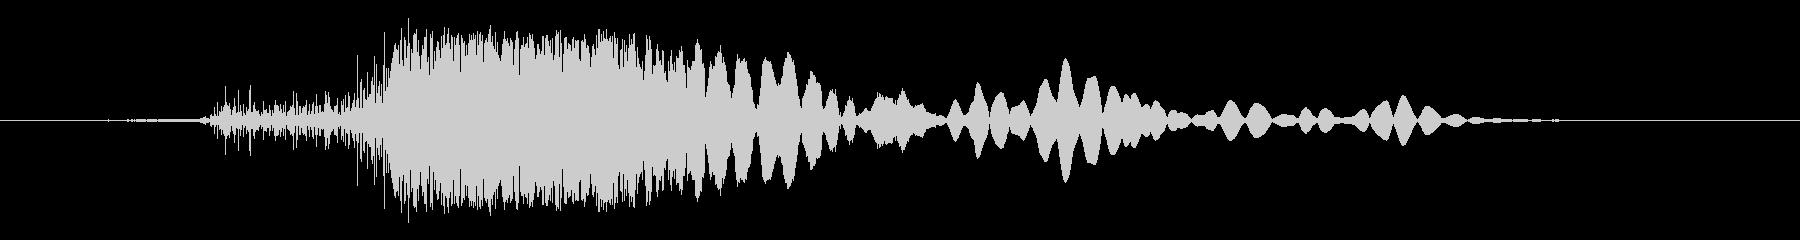 ヘビークランチングスタブの未再生の波形